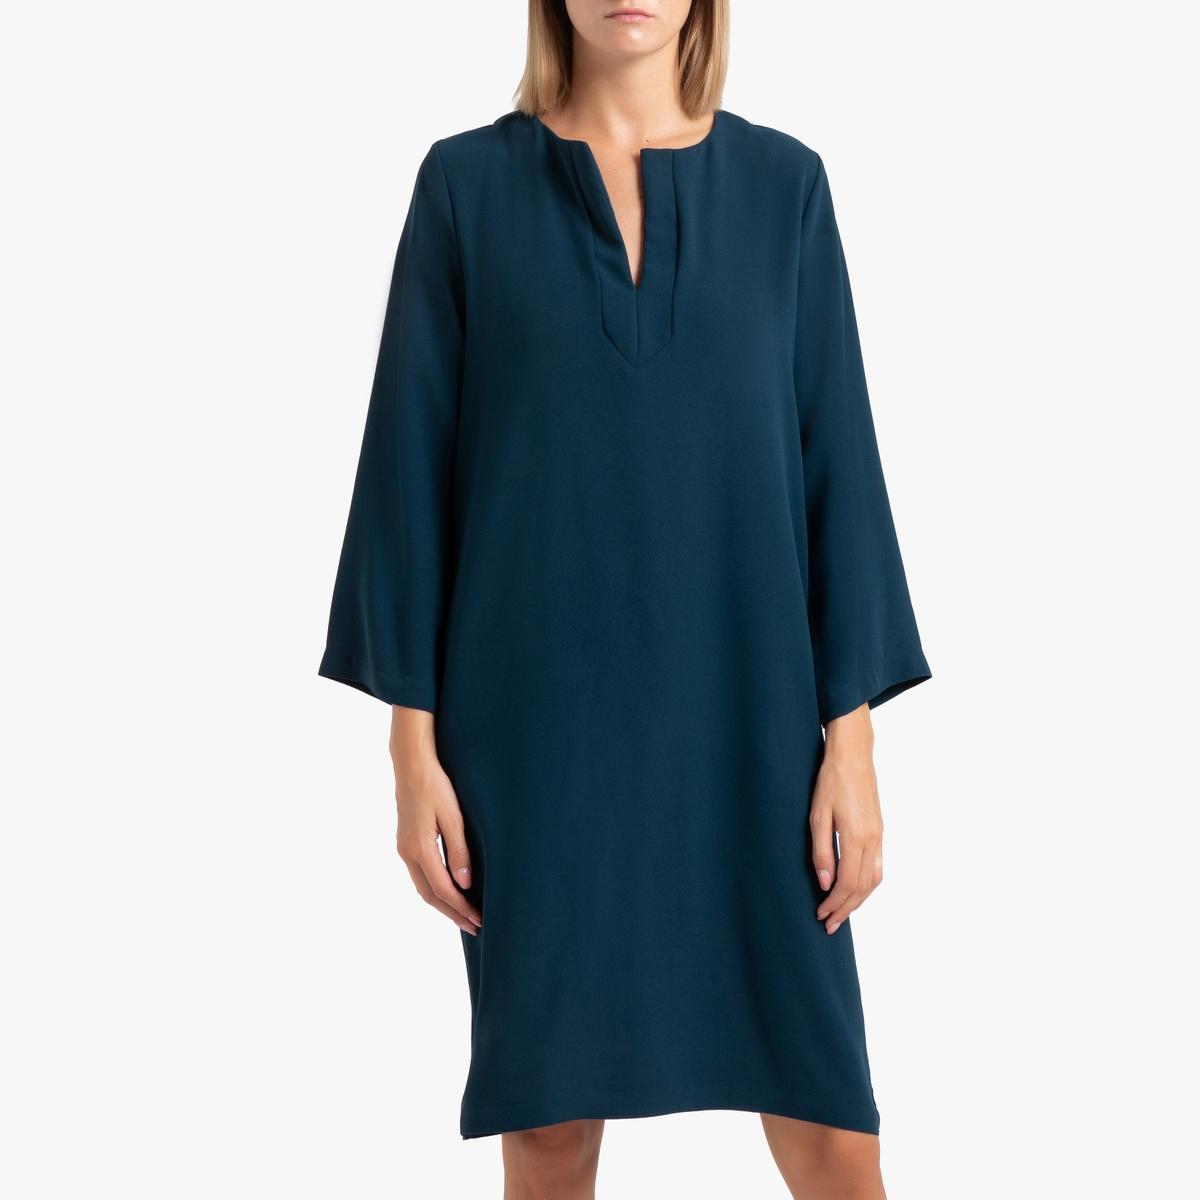 цена Платье La Redoute Прямое с длинными рукавами LINE XS синий онлайн в 2017 году